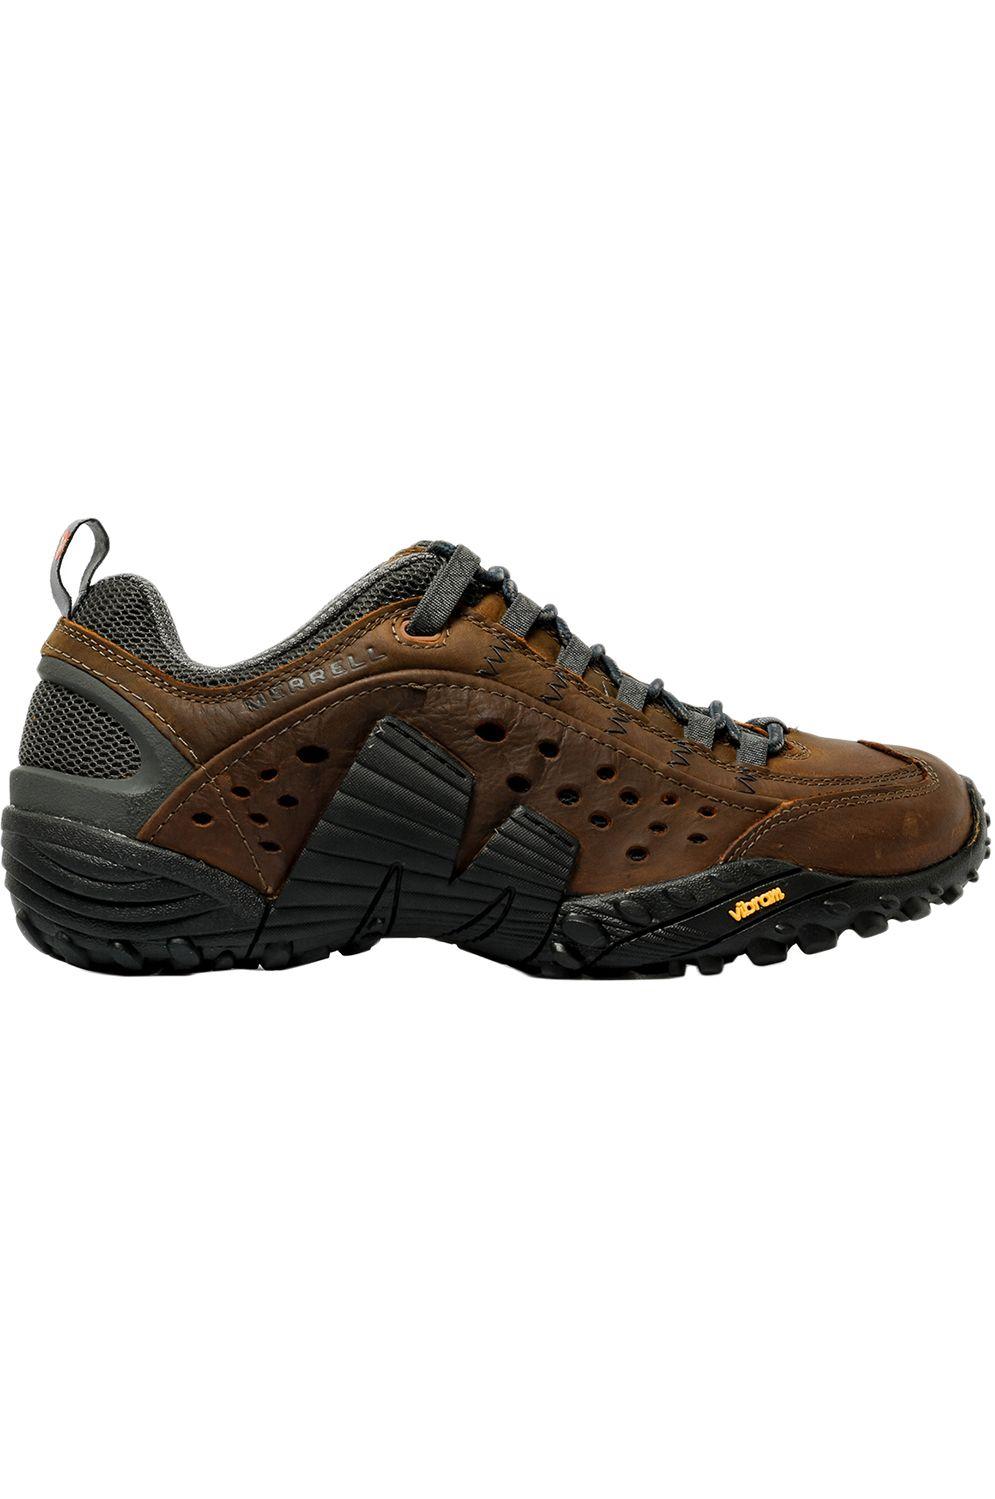 Merrell Shoes INTERCEPT Dark Earth